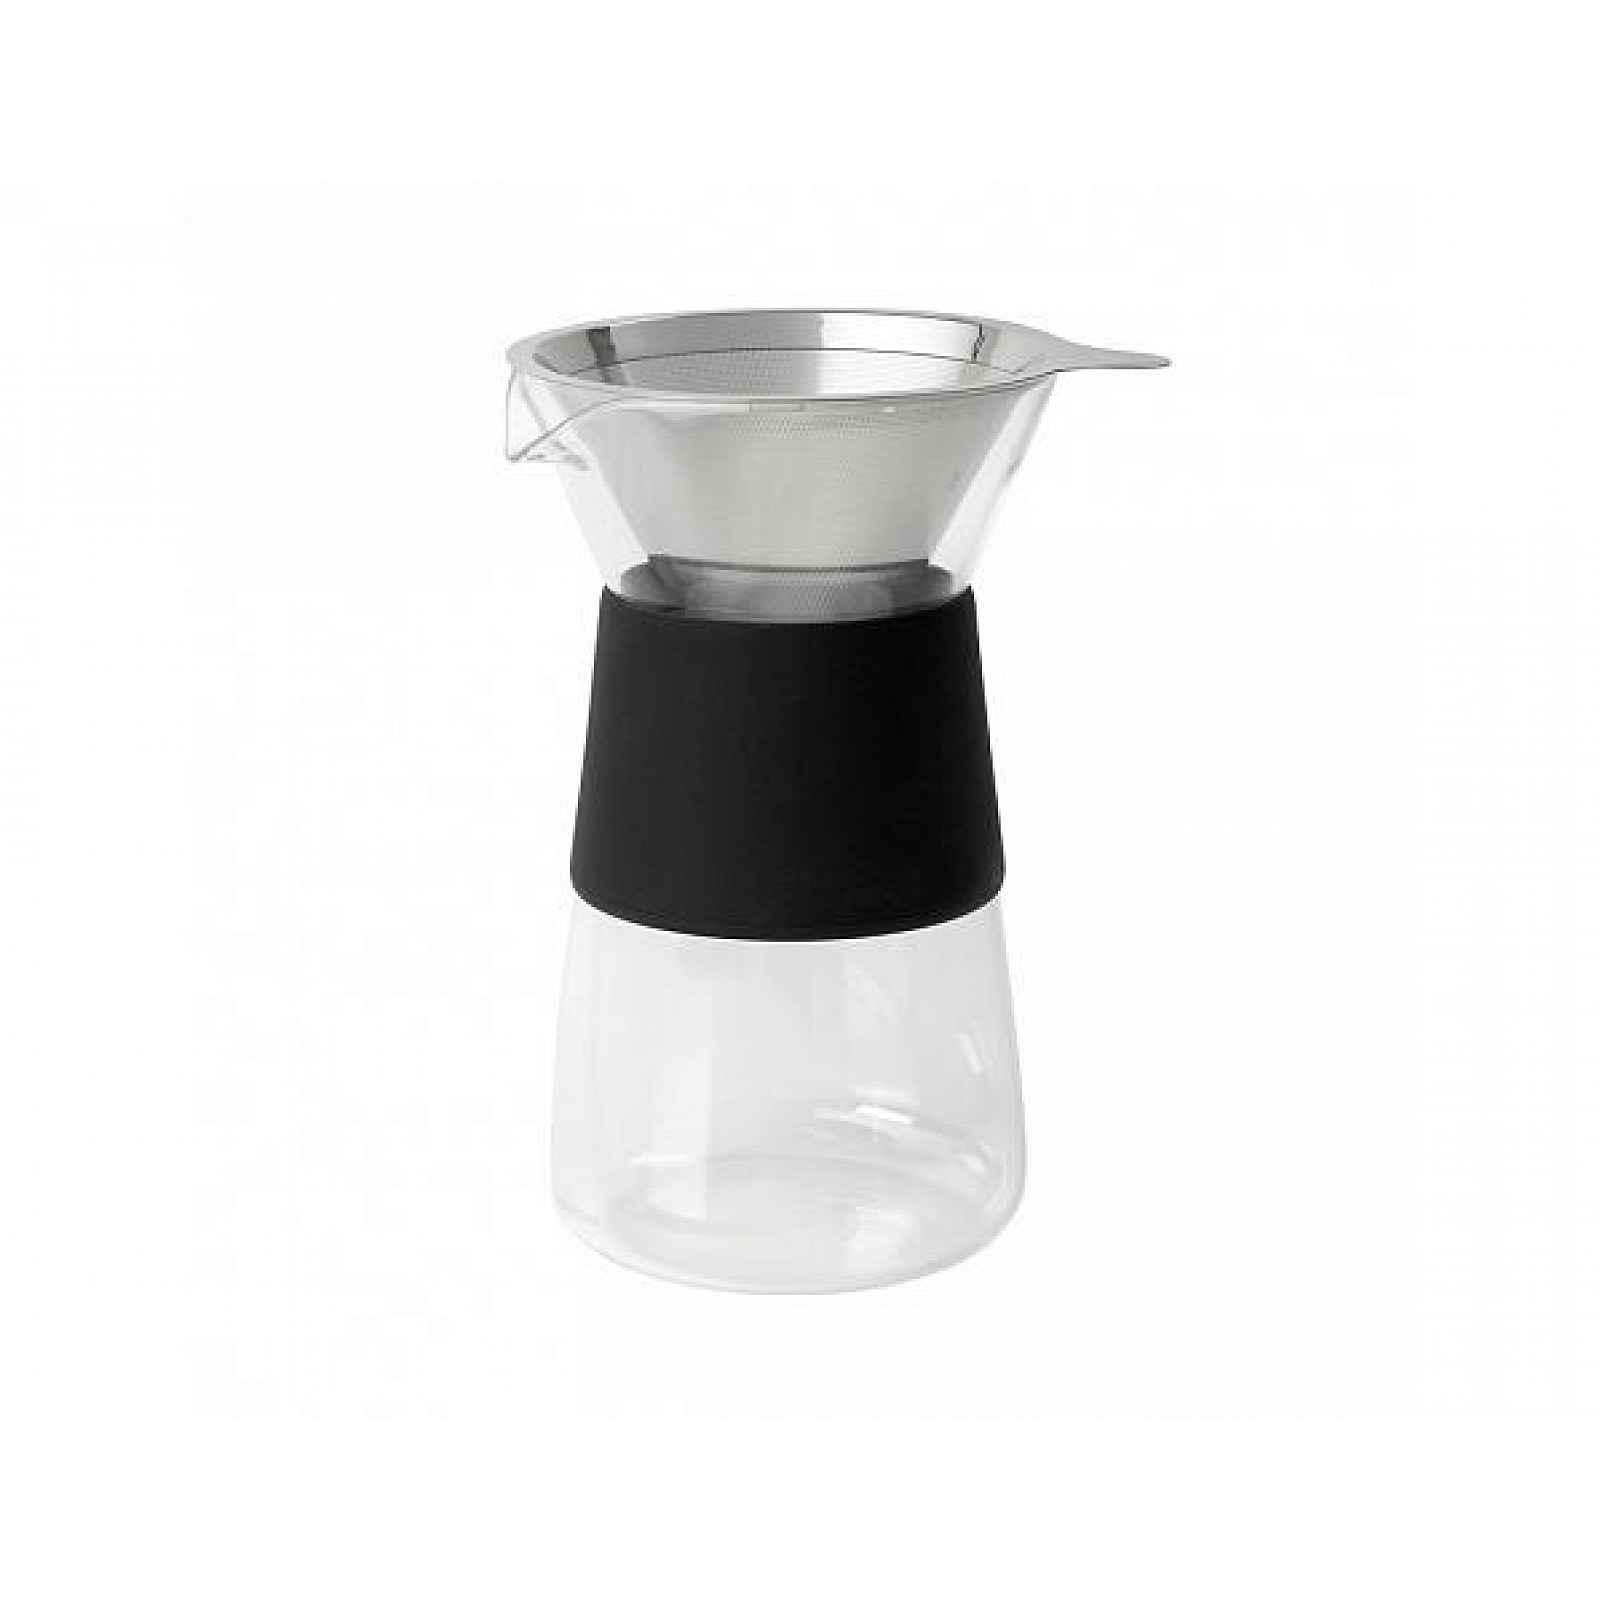 Konvice na výrobu kávy s černými detaily Blomus,800ml